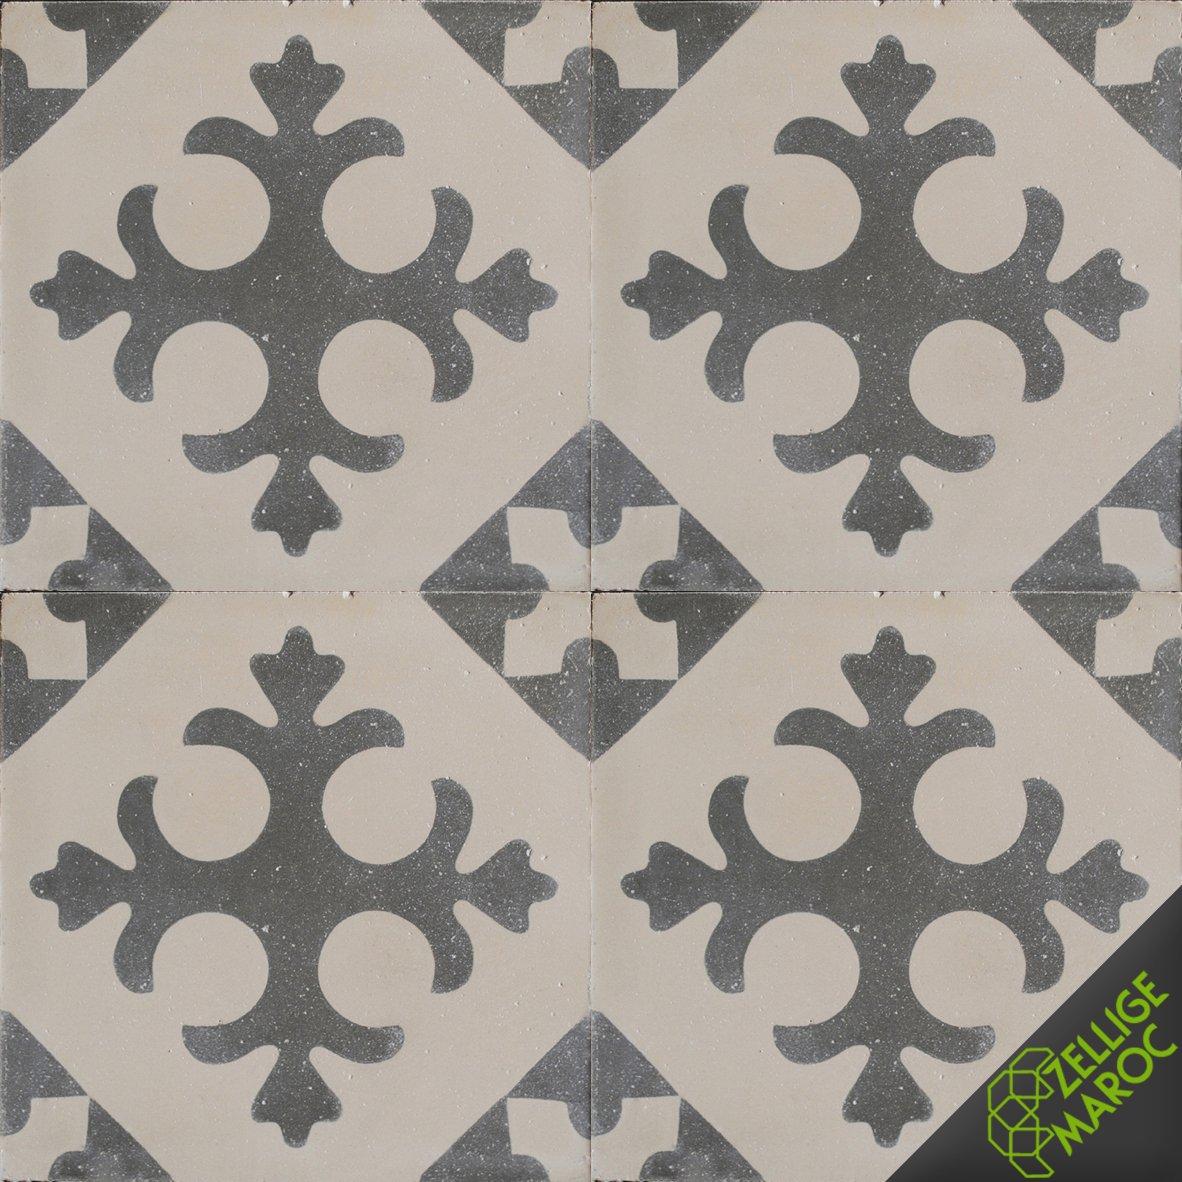 carreaux ciment t09 zellige maroc. Black Bedroom Furniture Sets. Home Design Ideas